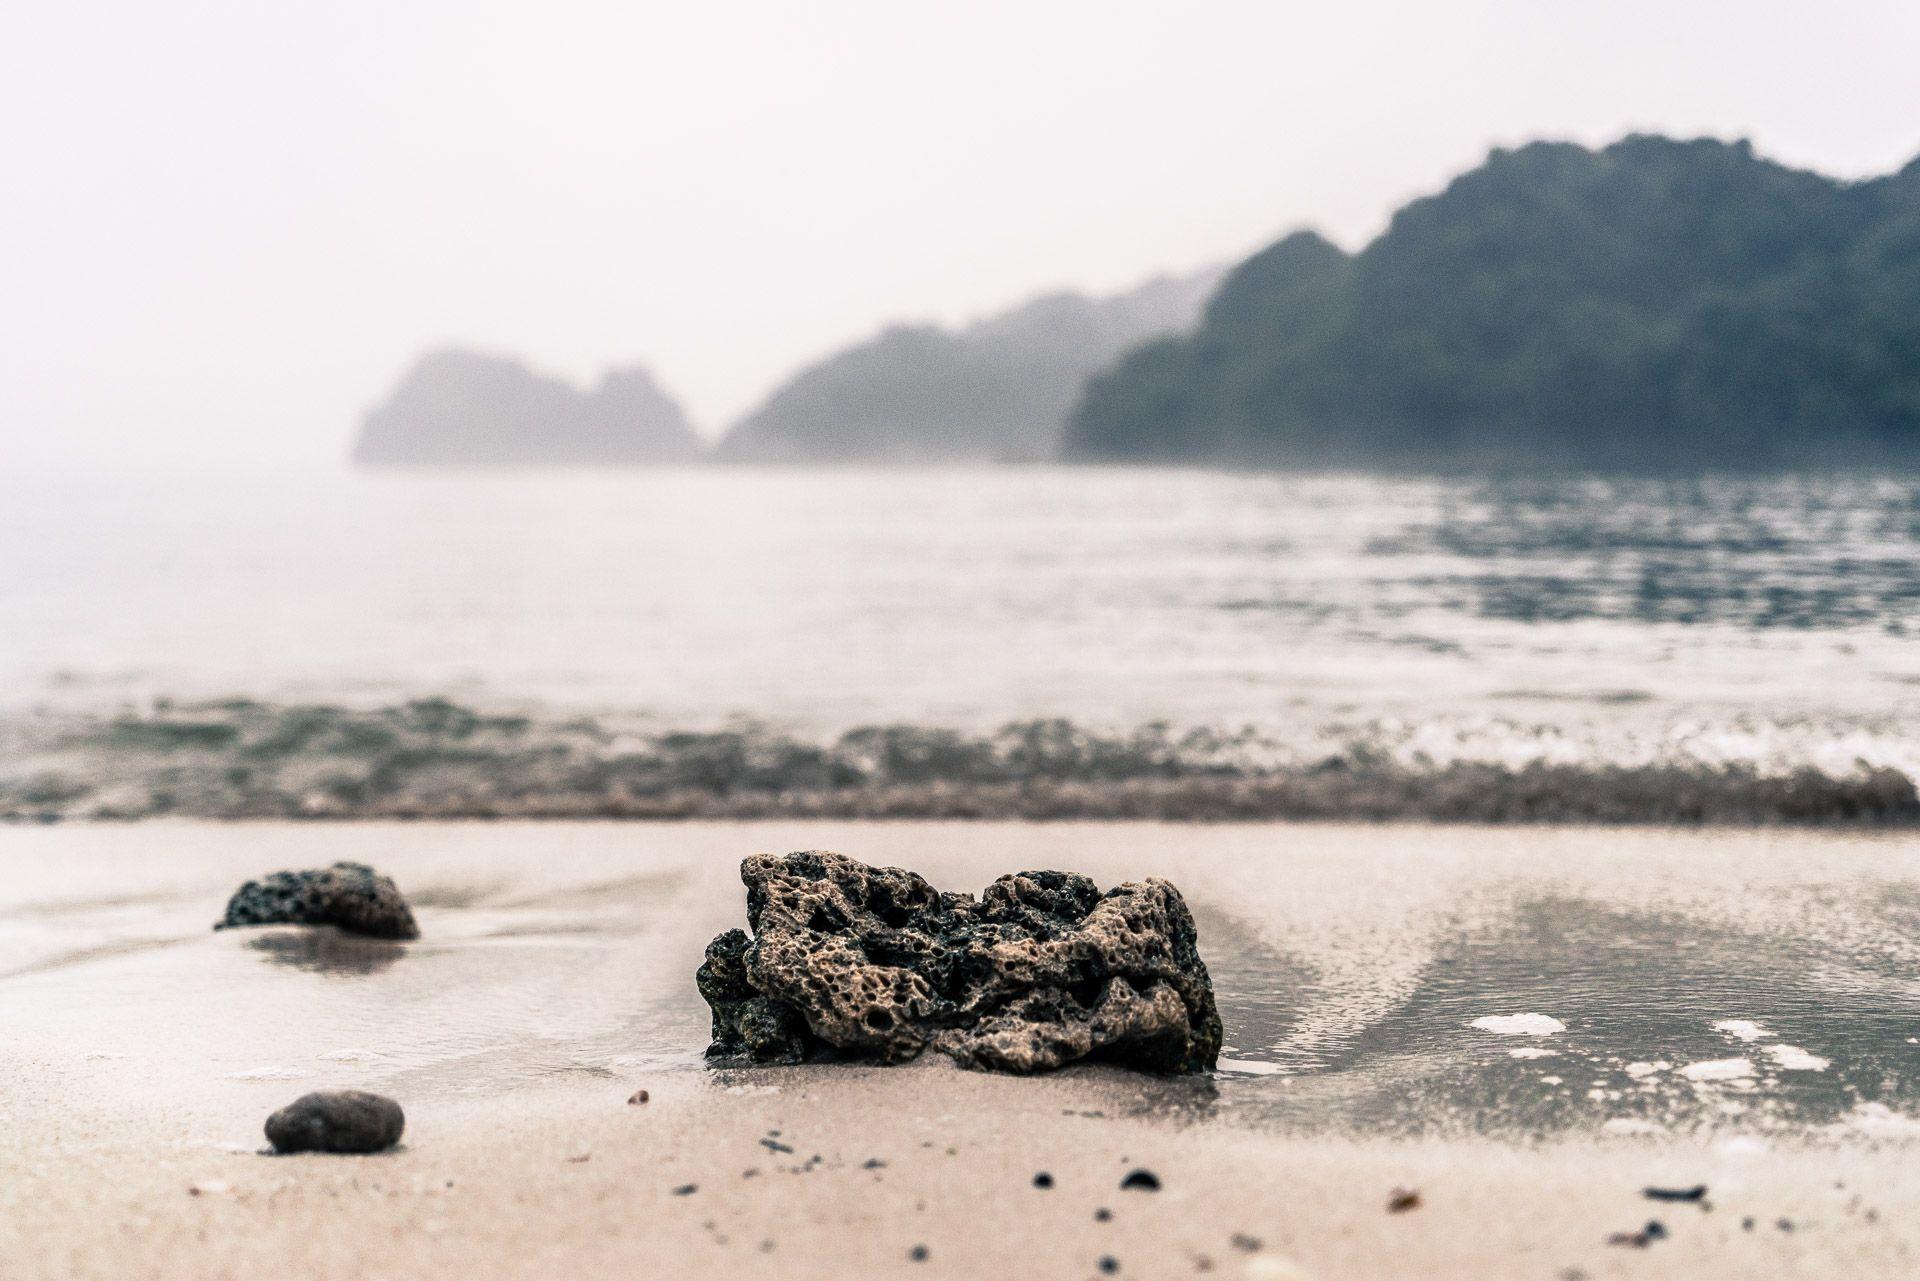 lesvoyageuses-croisiere-a-ha-long-bay-vietnam-25